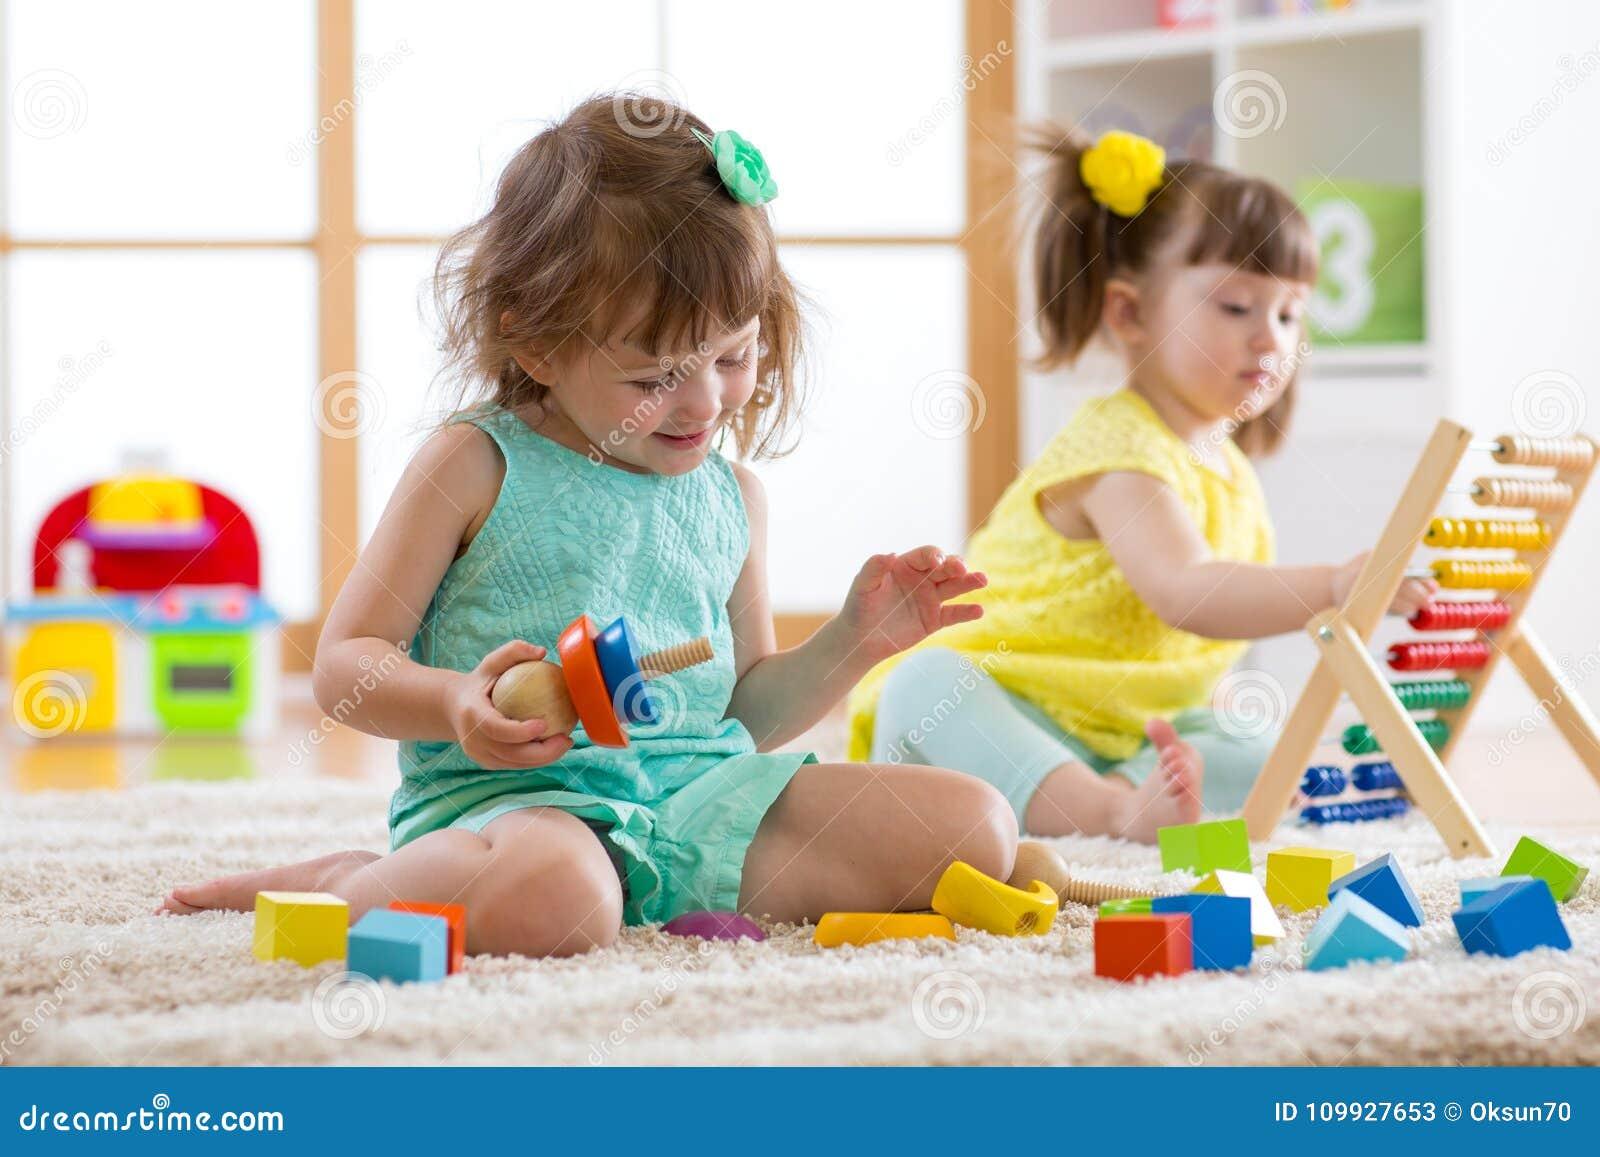 孩子参与托儿 使用与教育玩具的两个小孩孩子在幼儿园